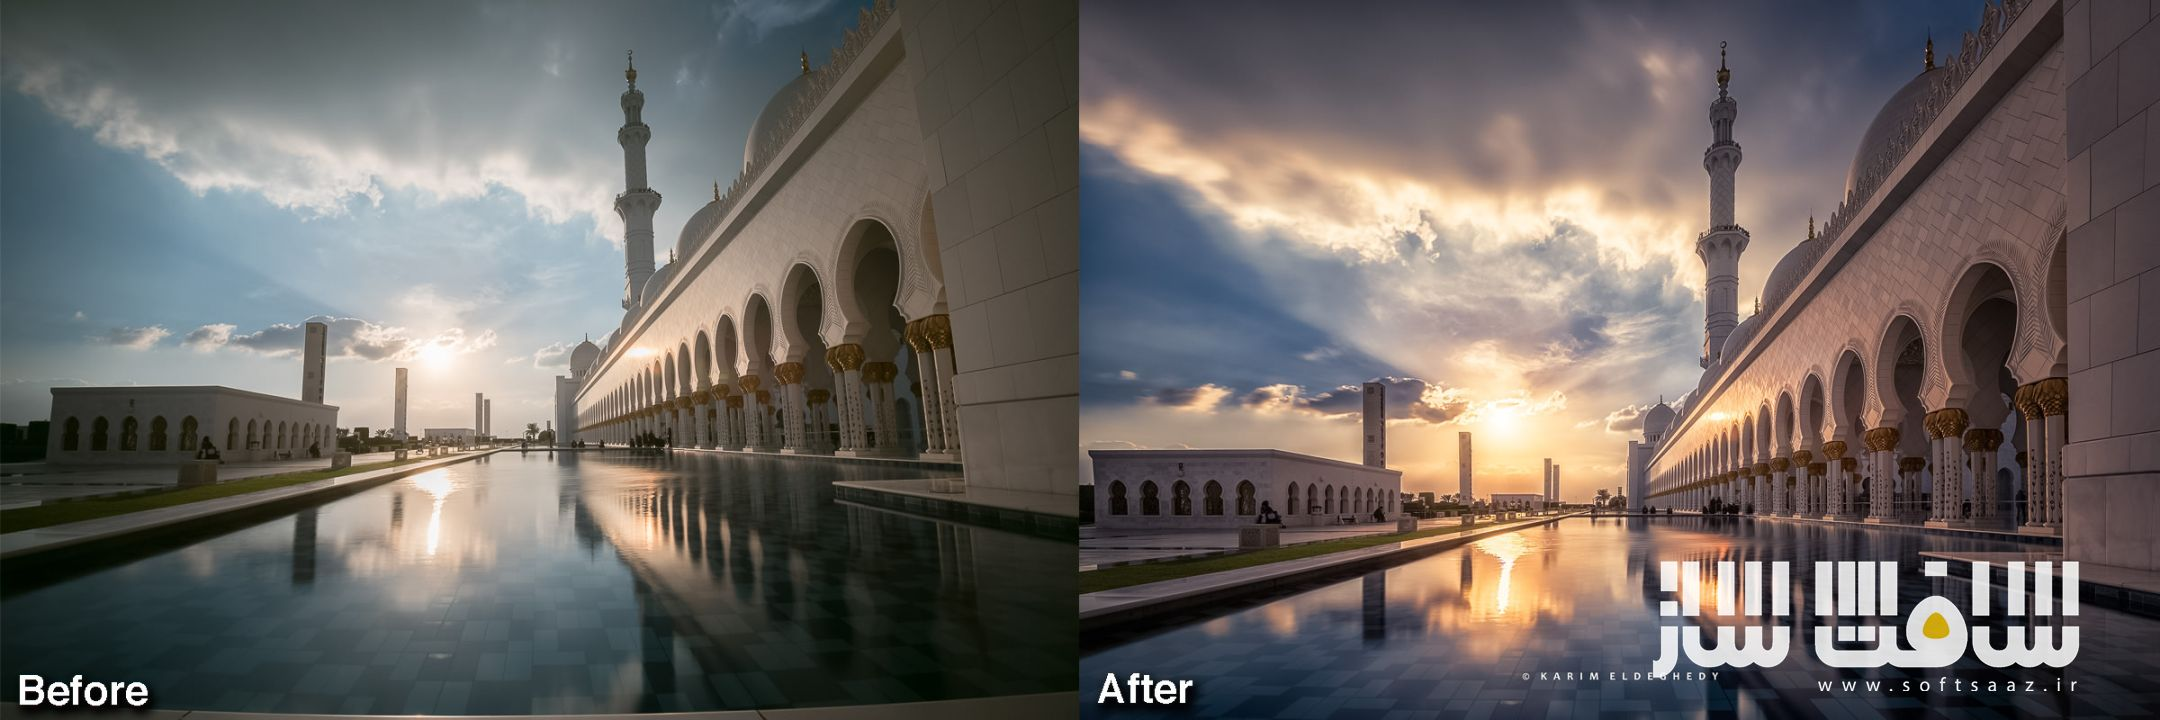 دانلود پلاگین Lumenzia v6 0 0 برای Photoshop   سافت ساز